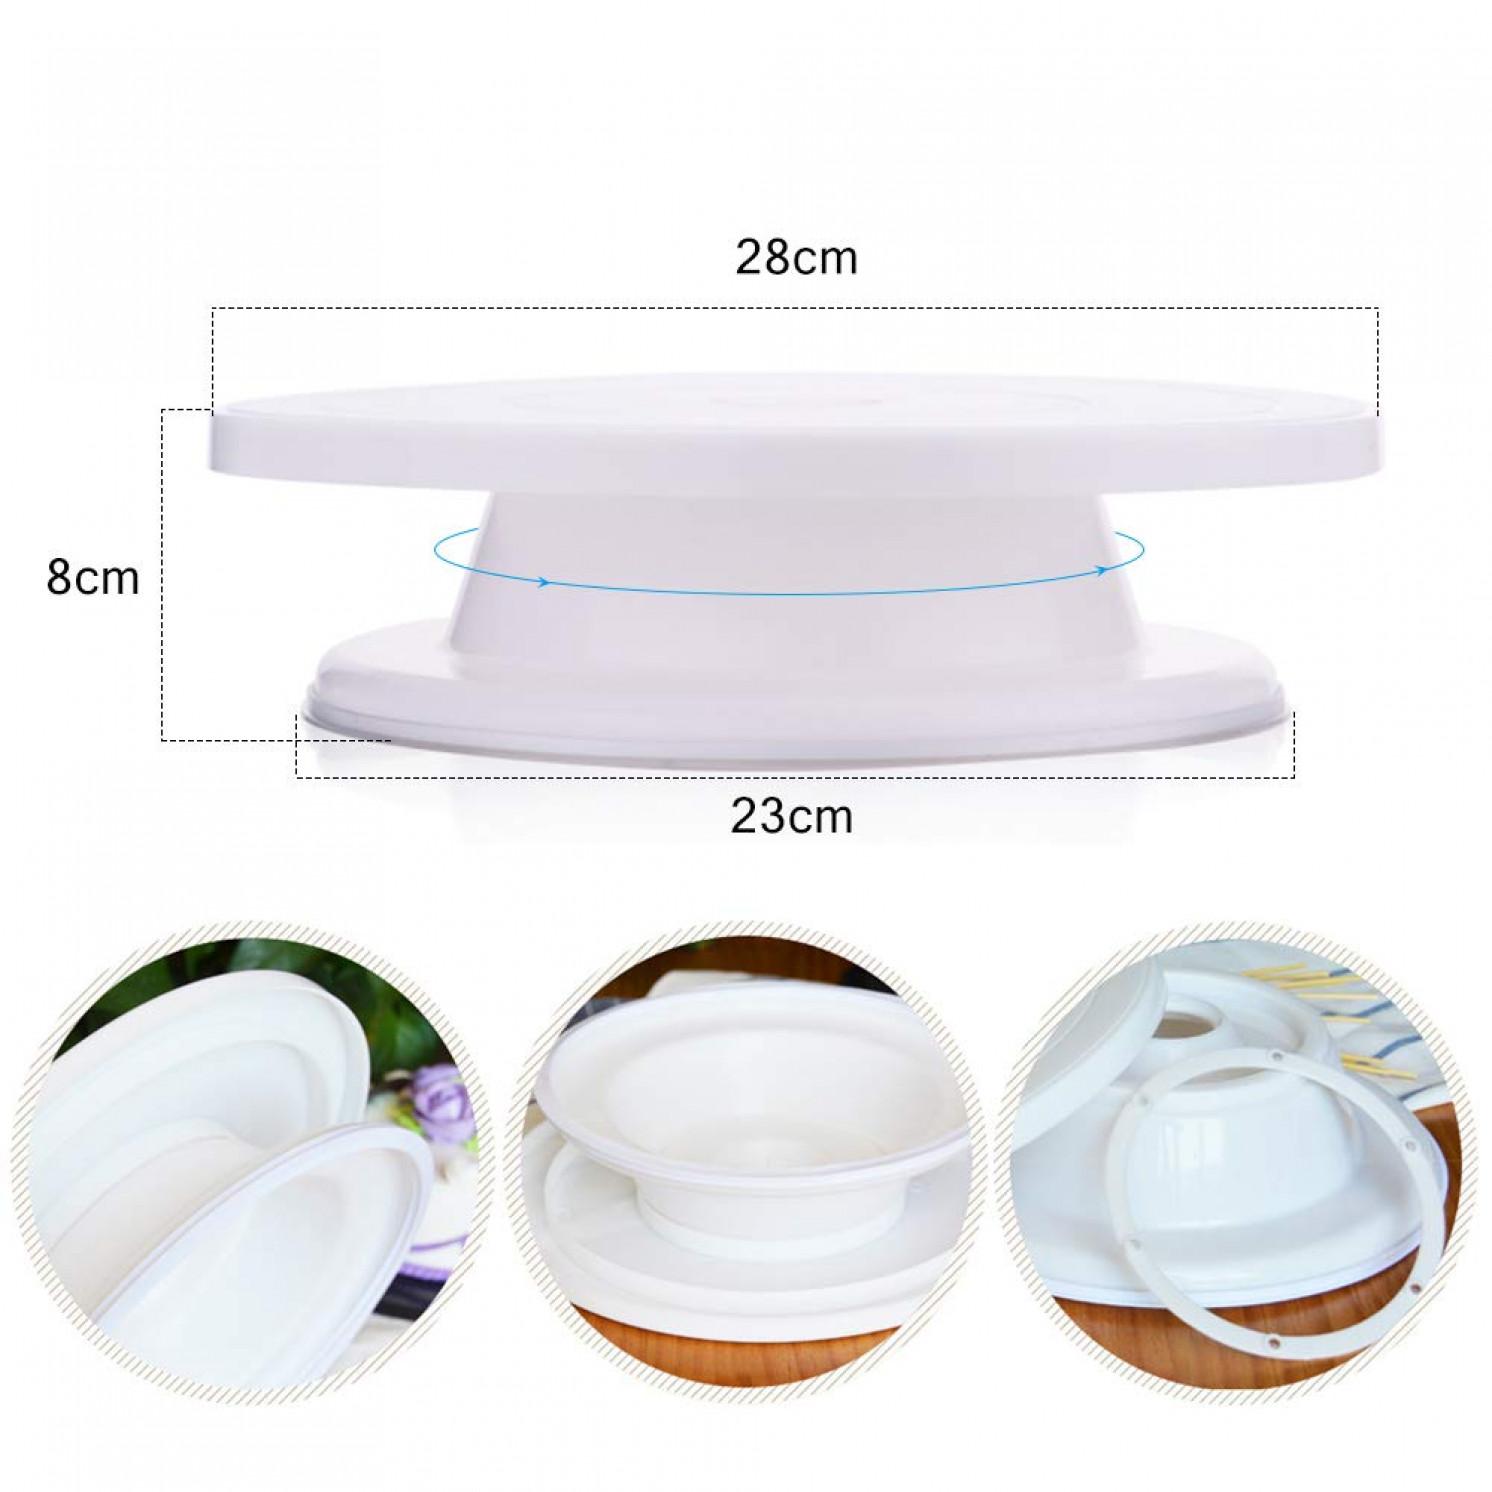 Подставка для торта вращающаяся 28х9 см (пластик)